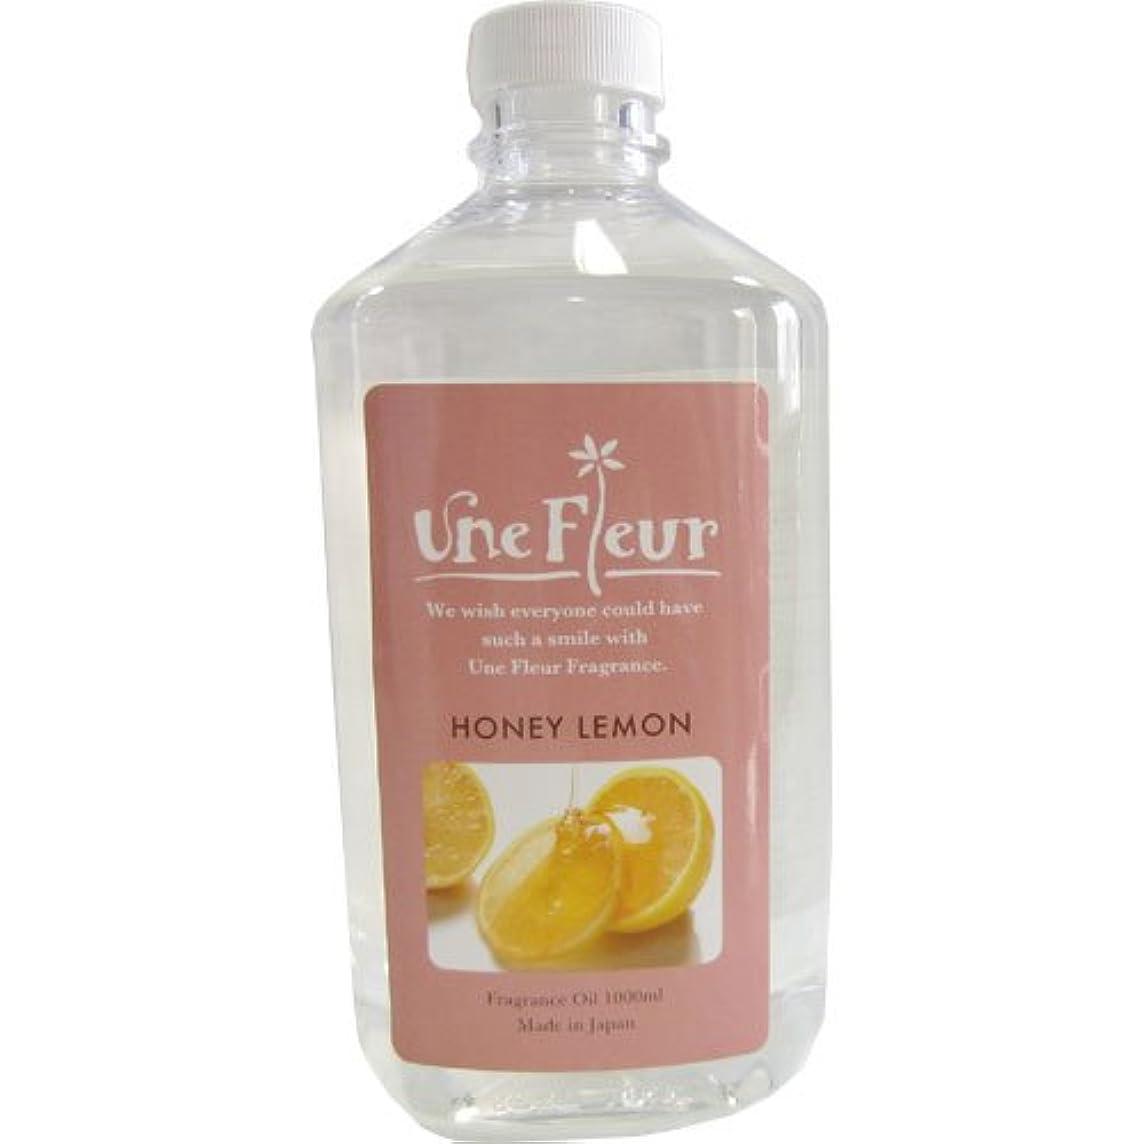 何でもステップ安定UF UFフレグランスオイルハニーレモン 1L